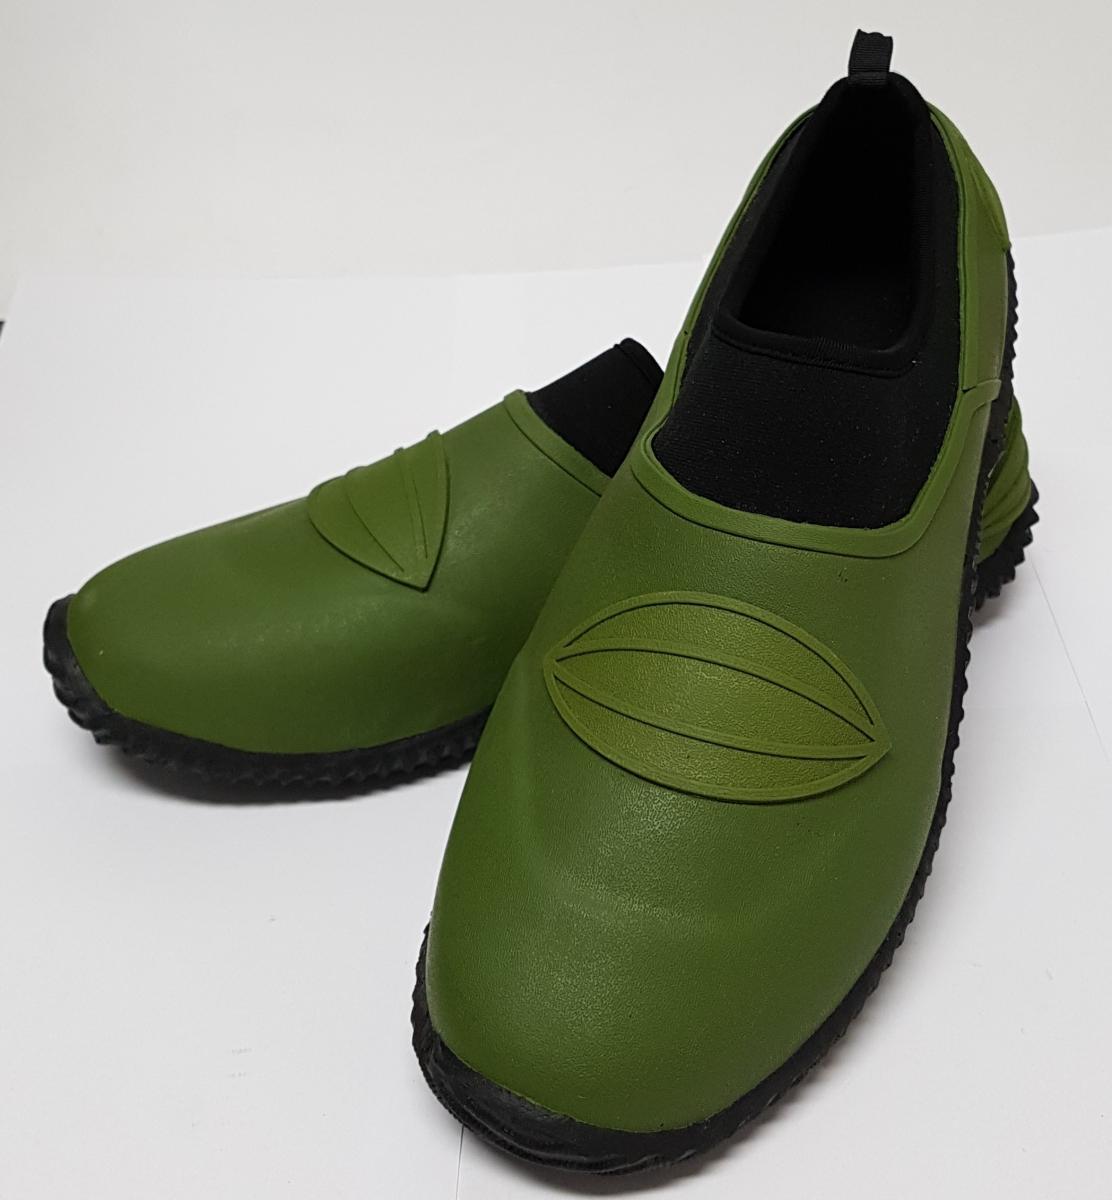 Gartenschuhe grün Gummischuhe Galoschen Unisex Gr 38 bis 41